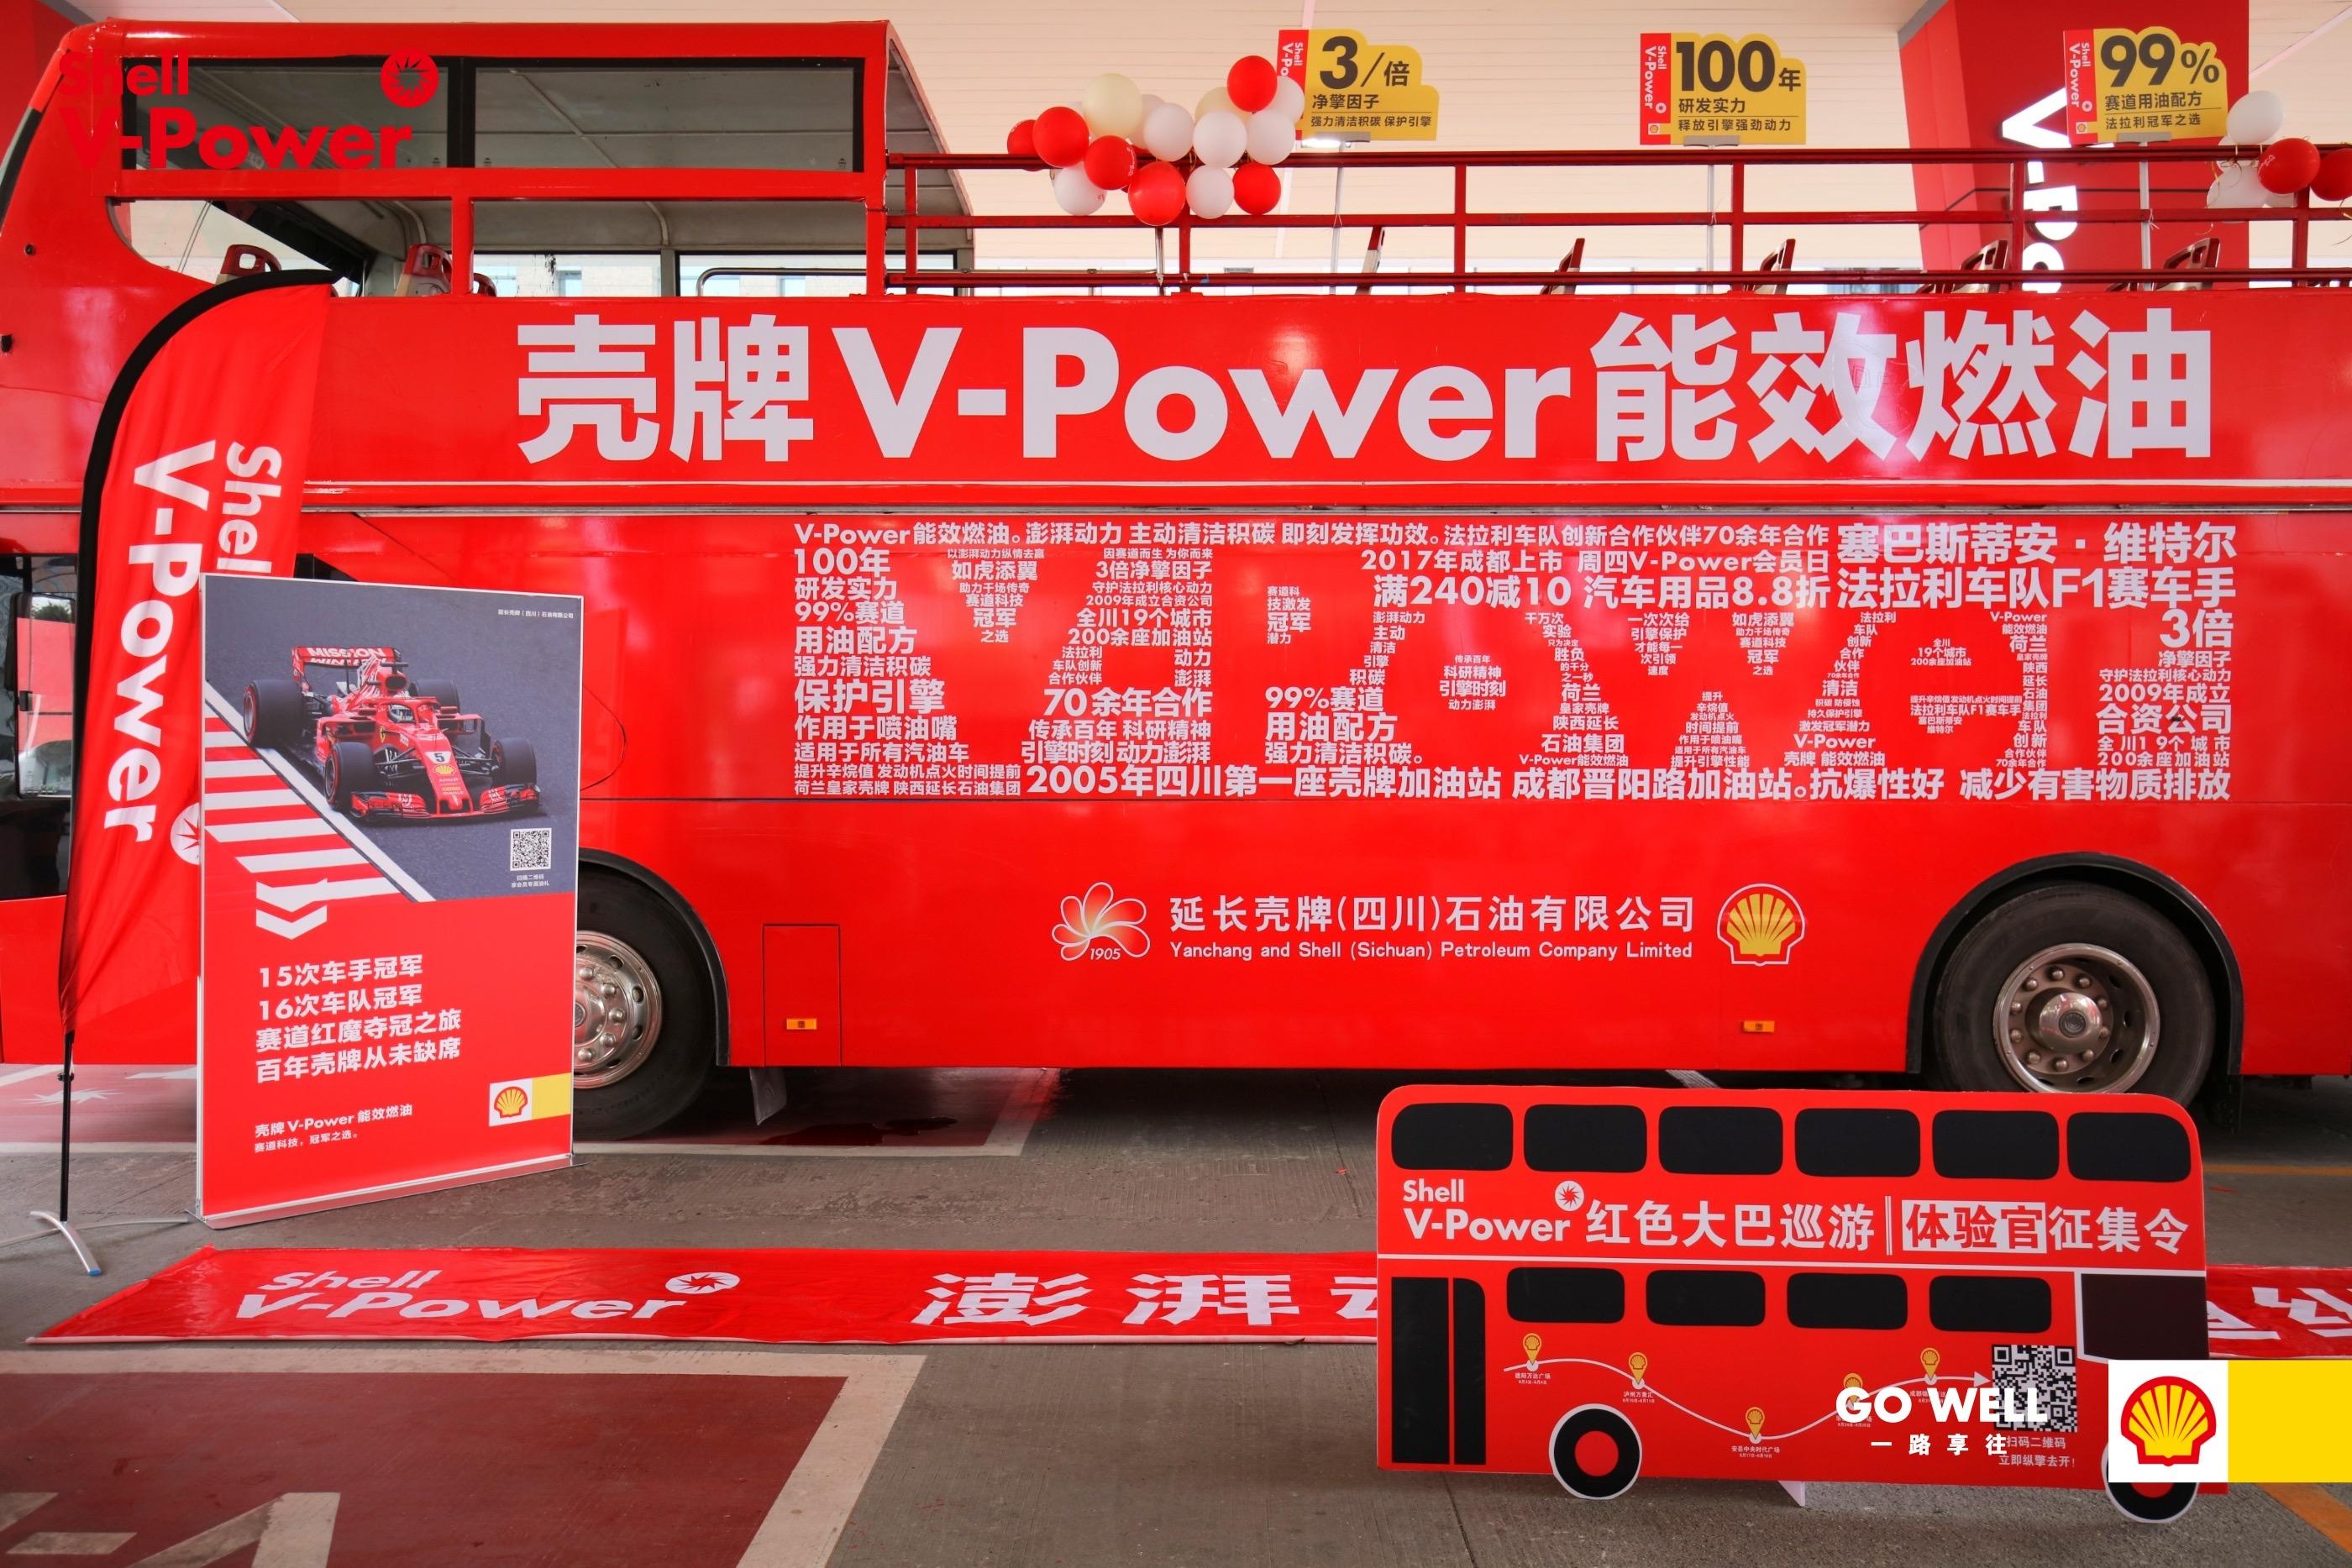 壳牌V-Power | 澎湃动力 蜀道纵擎